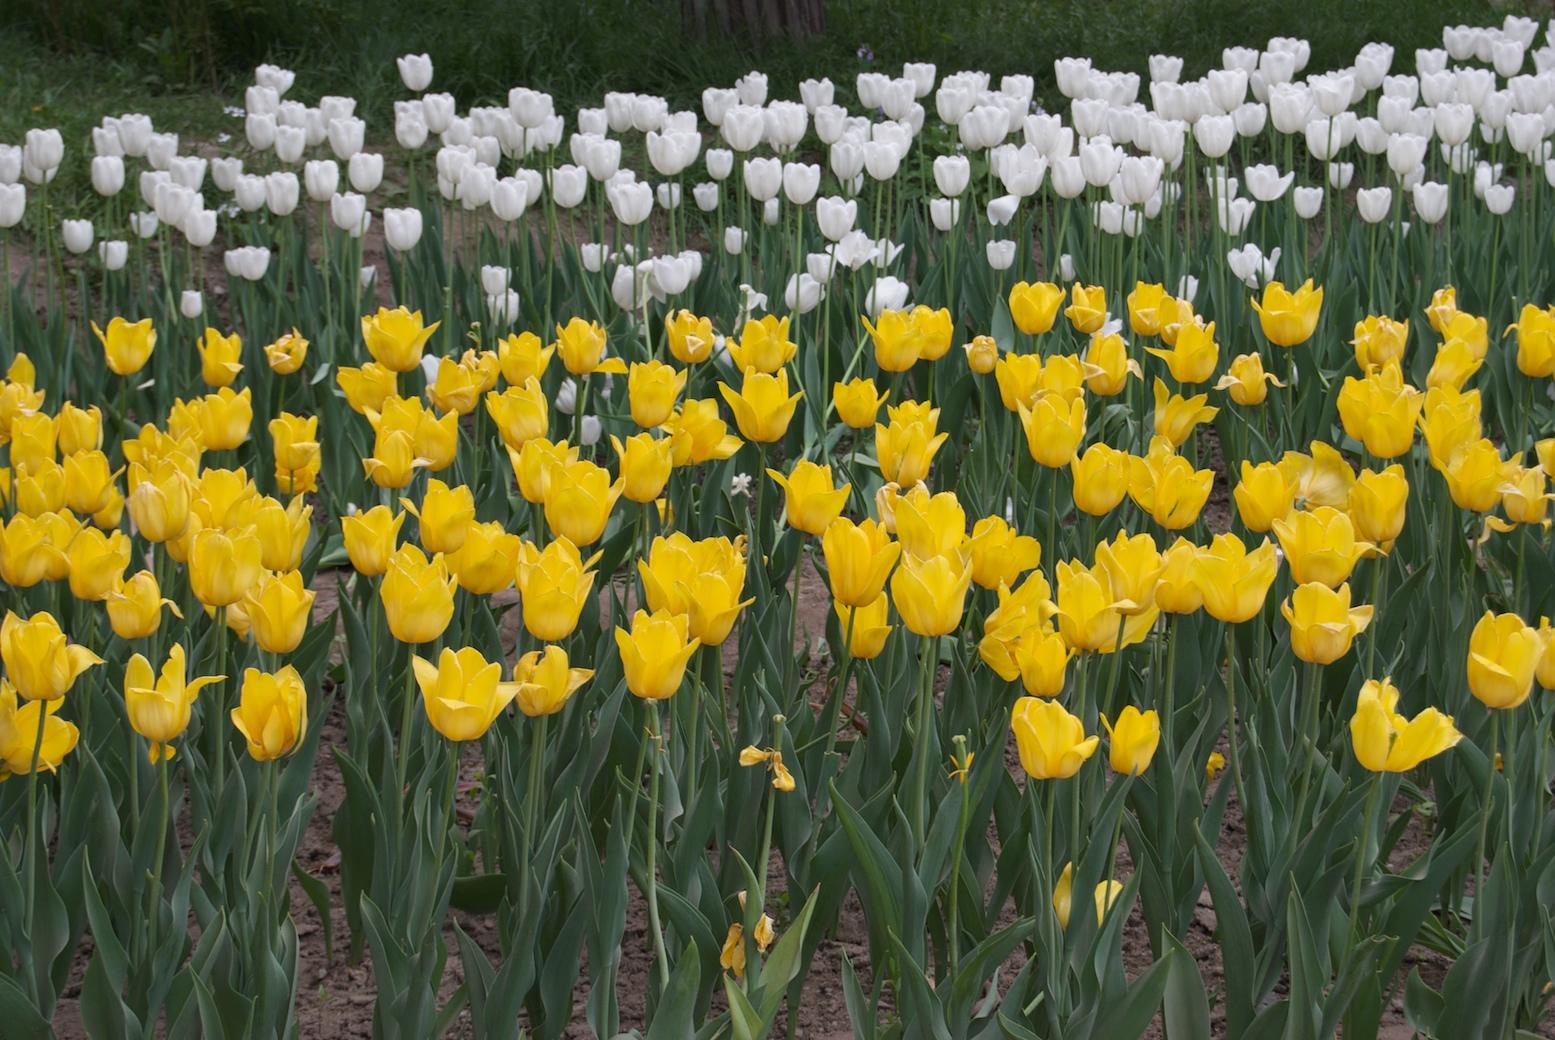 White and yellow tulips photo